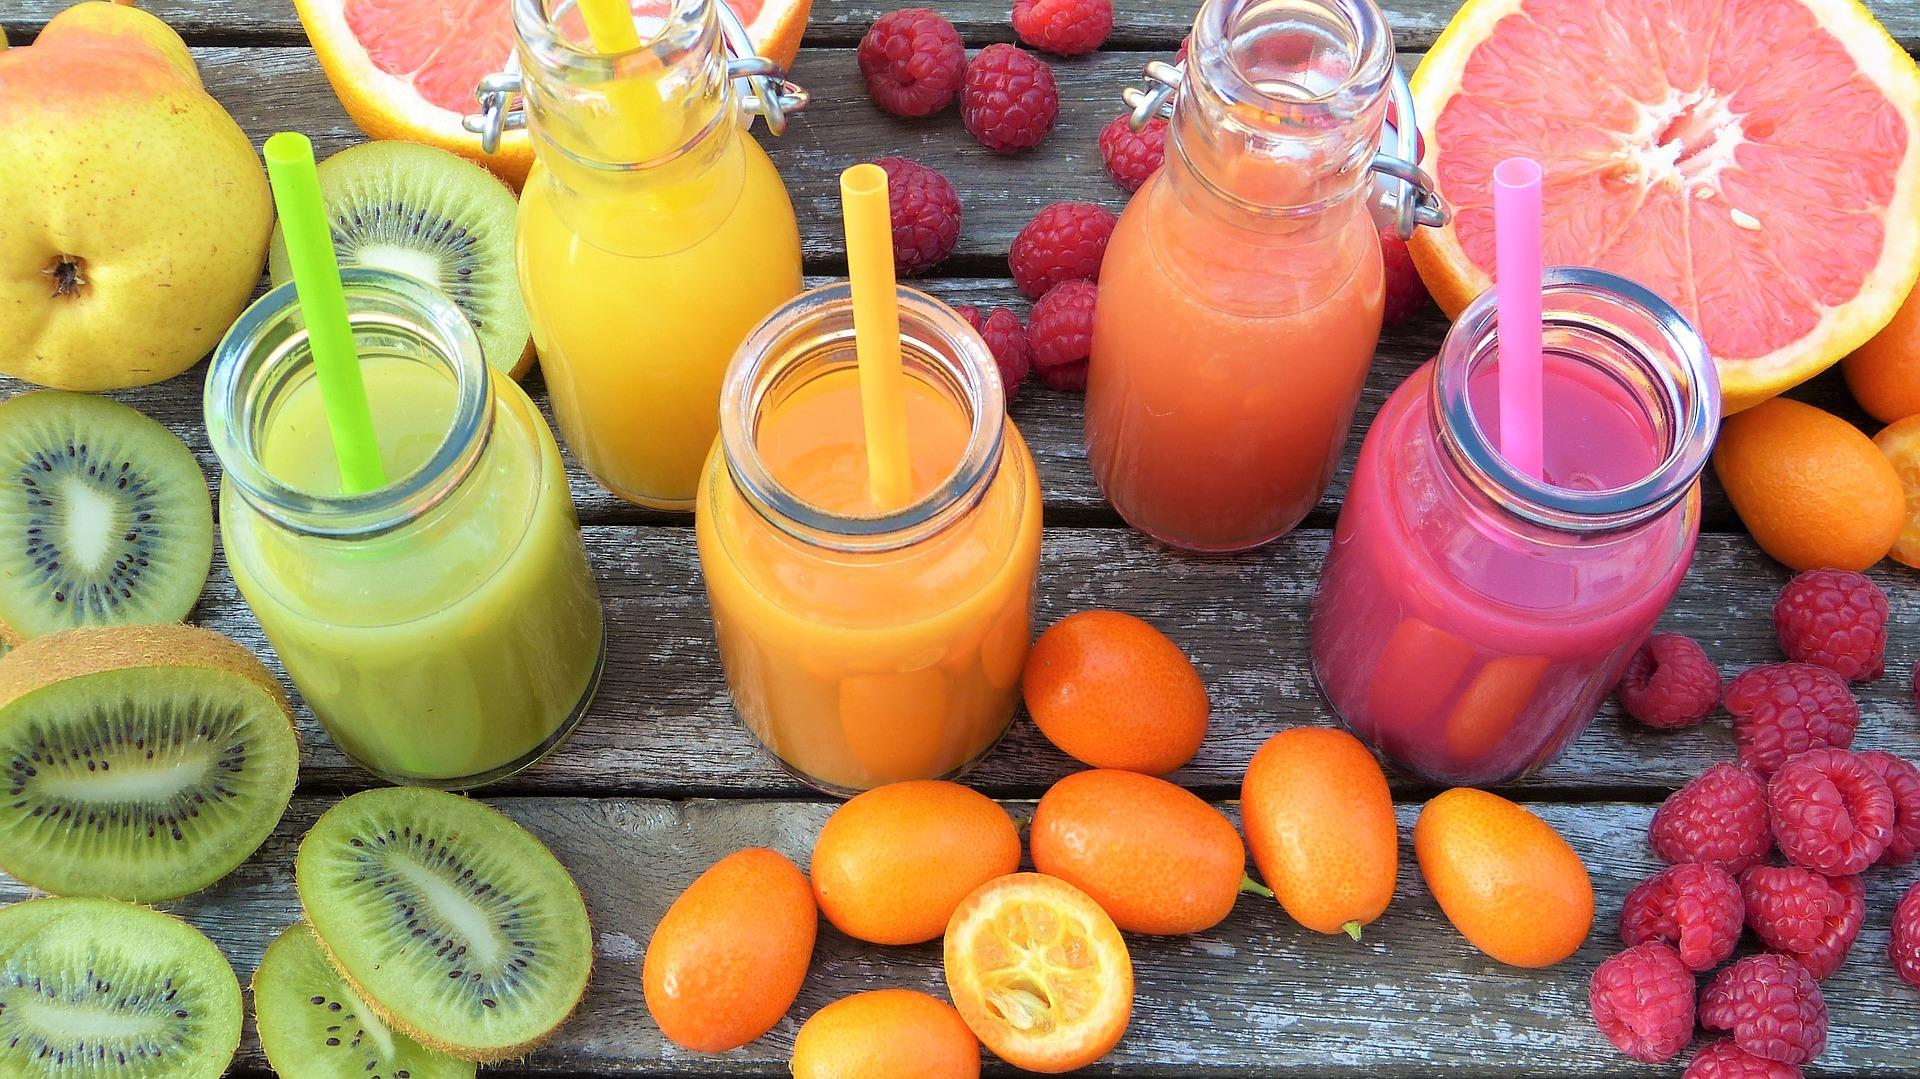 Winter is coming: Il est grand temps de prendre des vitamines